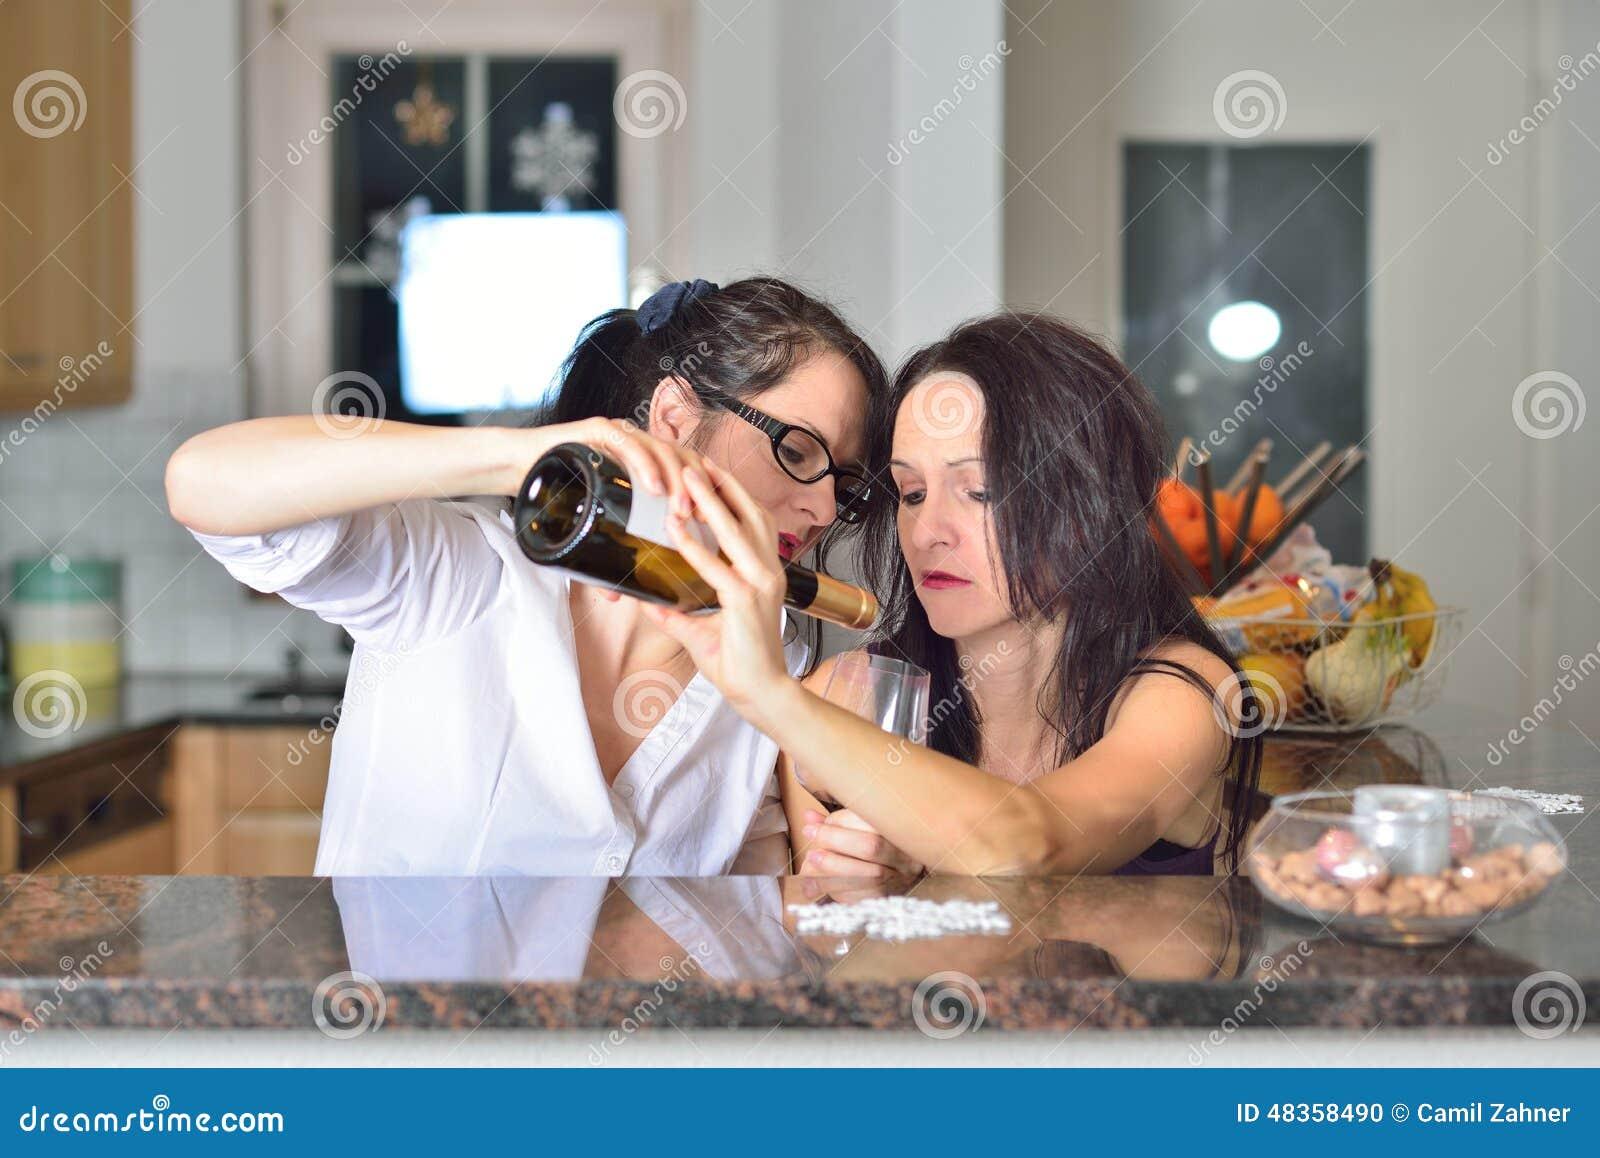 43ffacf62c Dos mujeres borrachas foto de archivo. Imagen de botella - 48358490